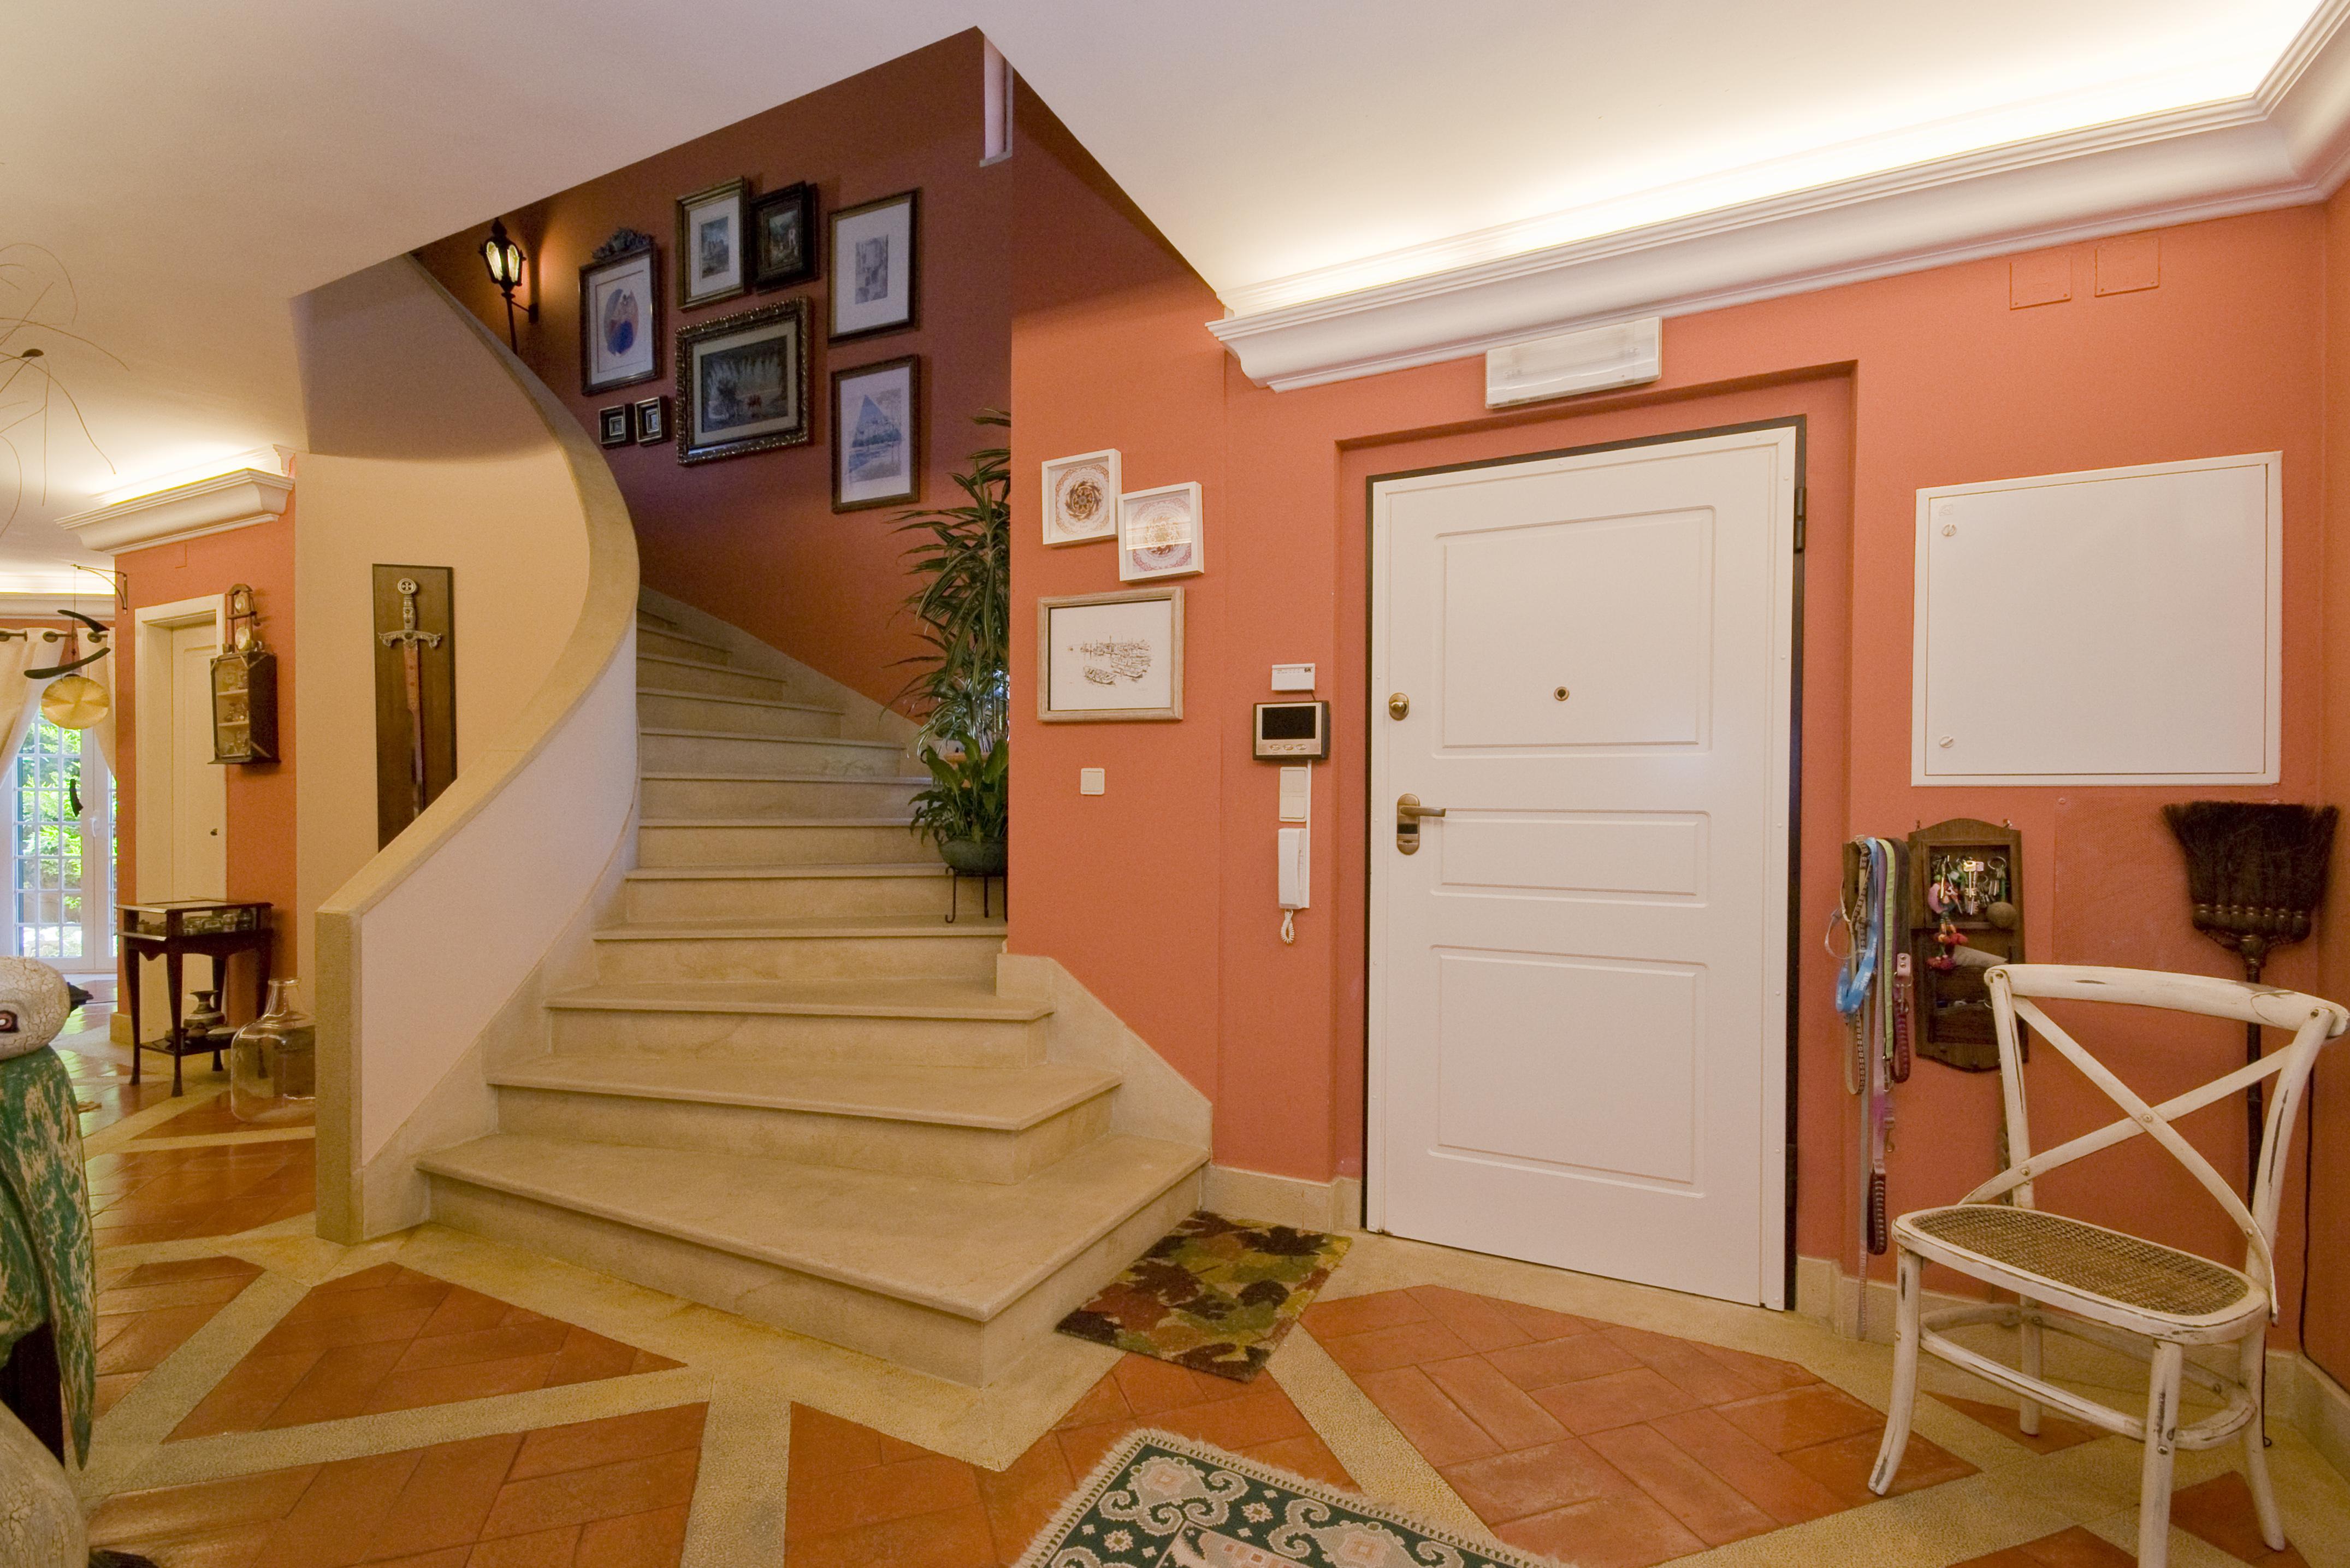 Vendita casa indipendente cascais lisbona portogallo for Case in vendita porto ottiolu privati